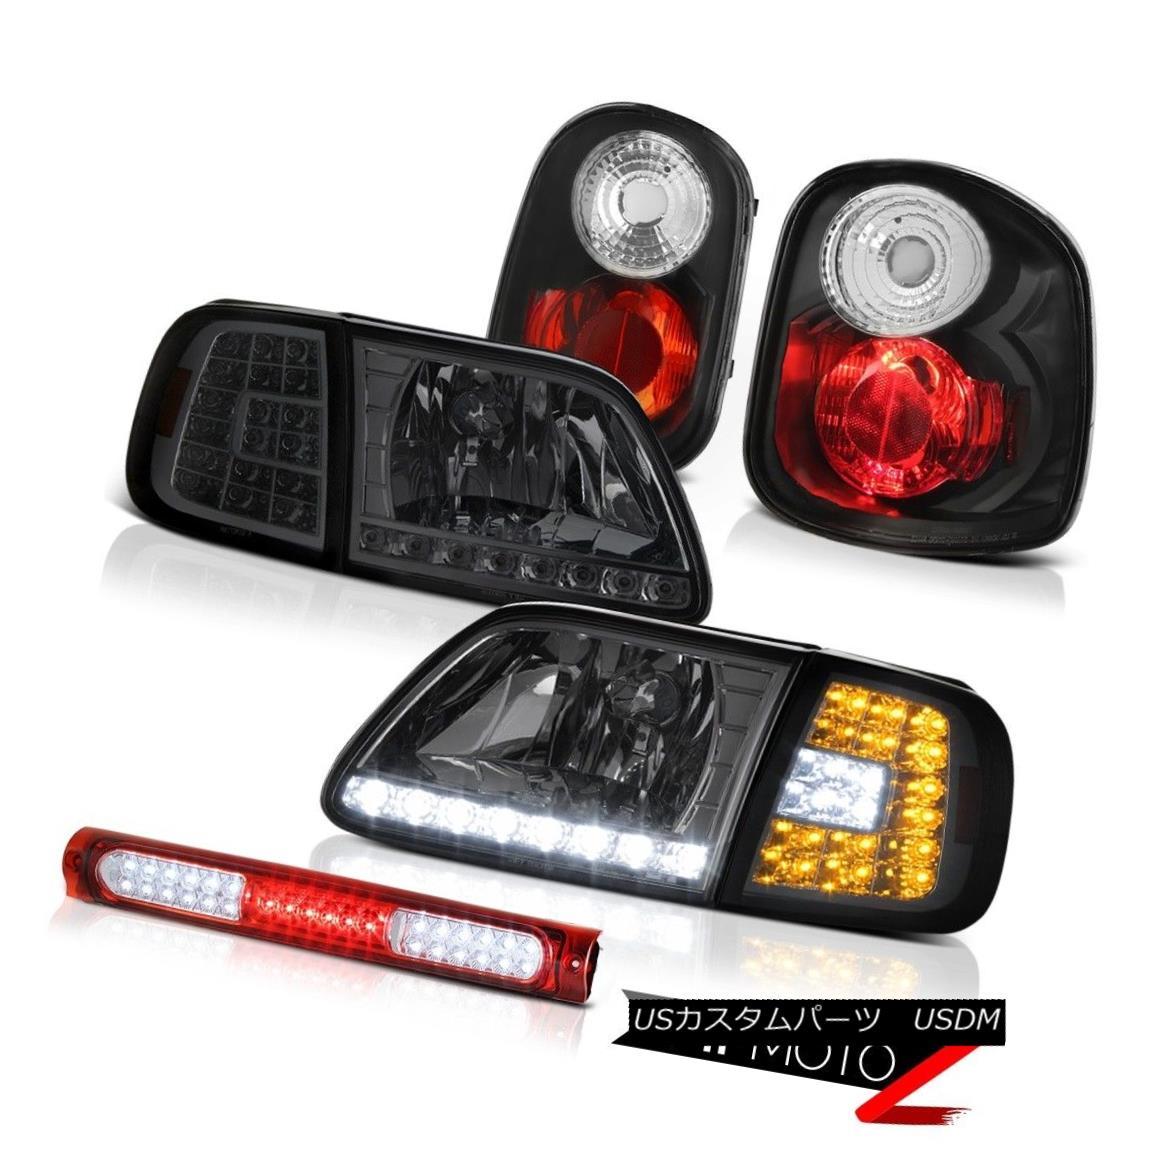 テールライト LED Headlights Lamp Rear Black Tail Lights High Brake 01-03 F150 Flareside 5.4L LEDヘッドライトランプリアブラックテールライトハイブレーキ01-03 F150フラレイド5.4L